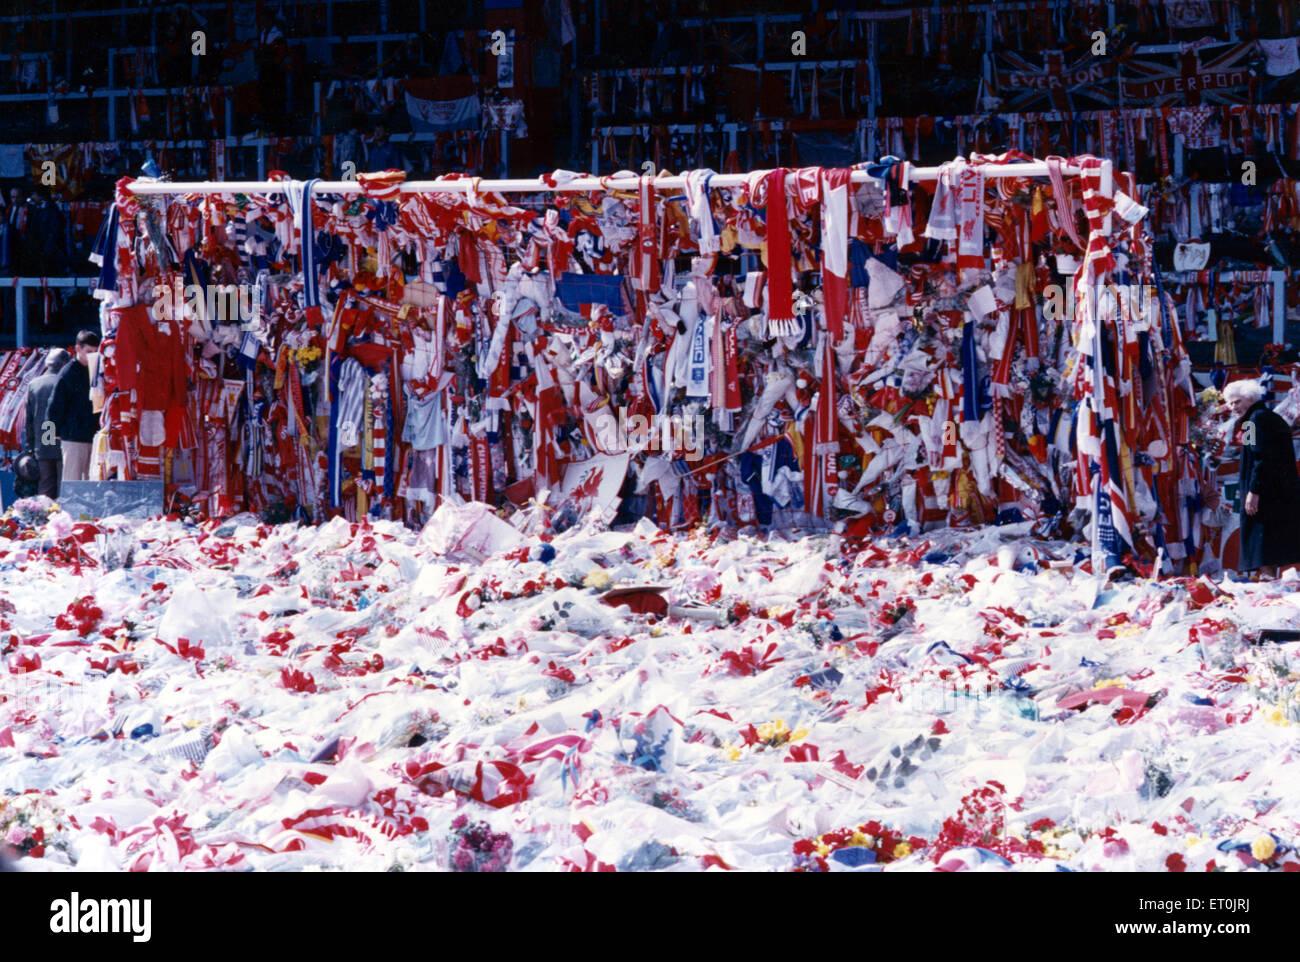 L'goalmouth sur le terrain à Anfield, couverts de Liverpool et d'Everton écharpes et drapeaux comme une marque de respect pour les nombreux fans de Liverpool qui ont perdu la vie à Hillsborough seulement quelques jours avant. 18 avril 1989. Banque D'Images